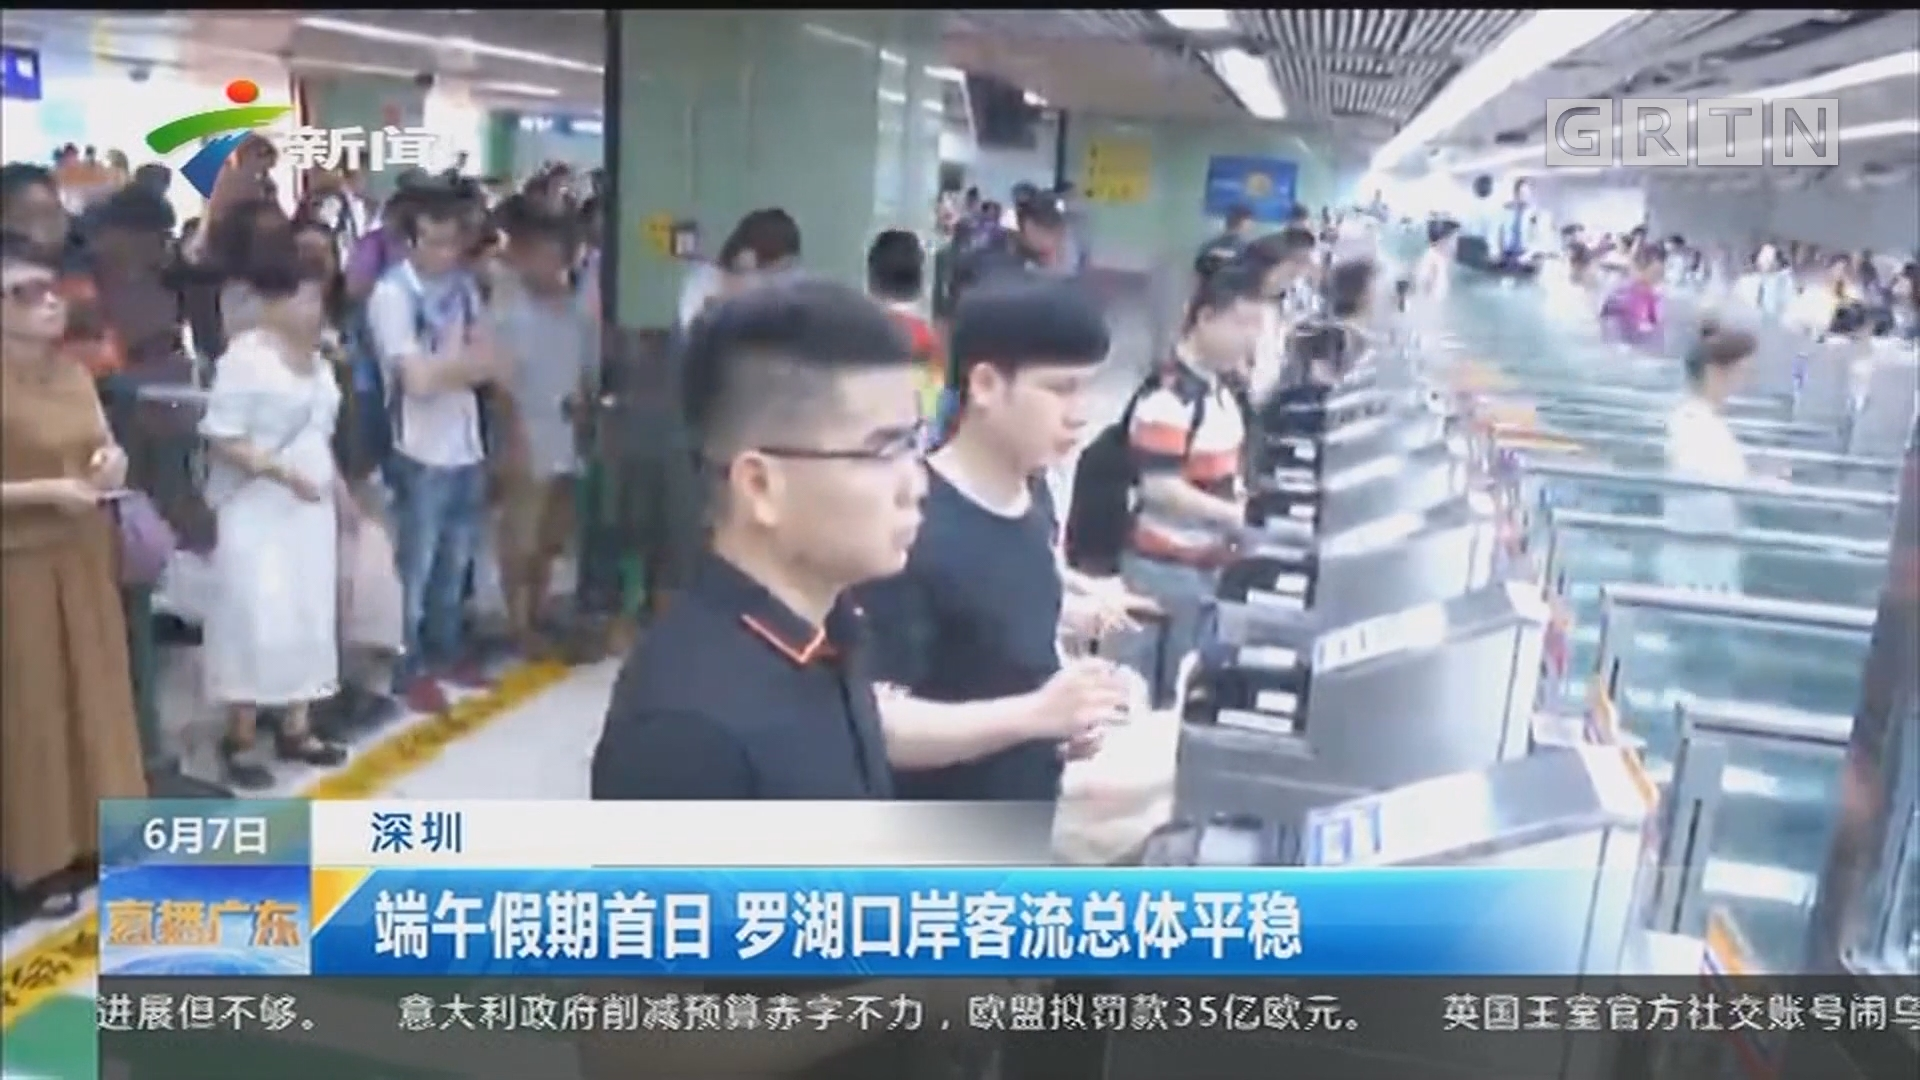 深圳:端午假期首日 罗湖口岸客流总体平稳